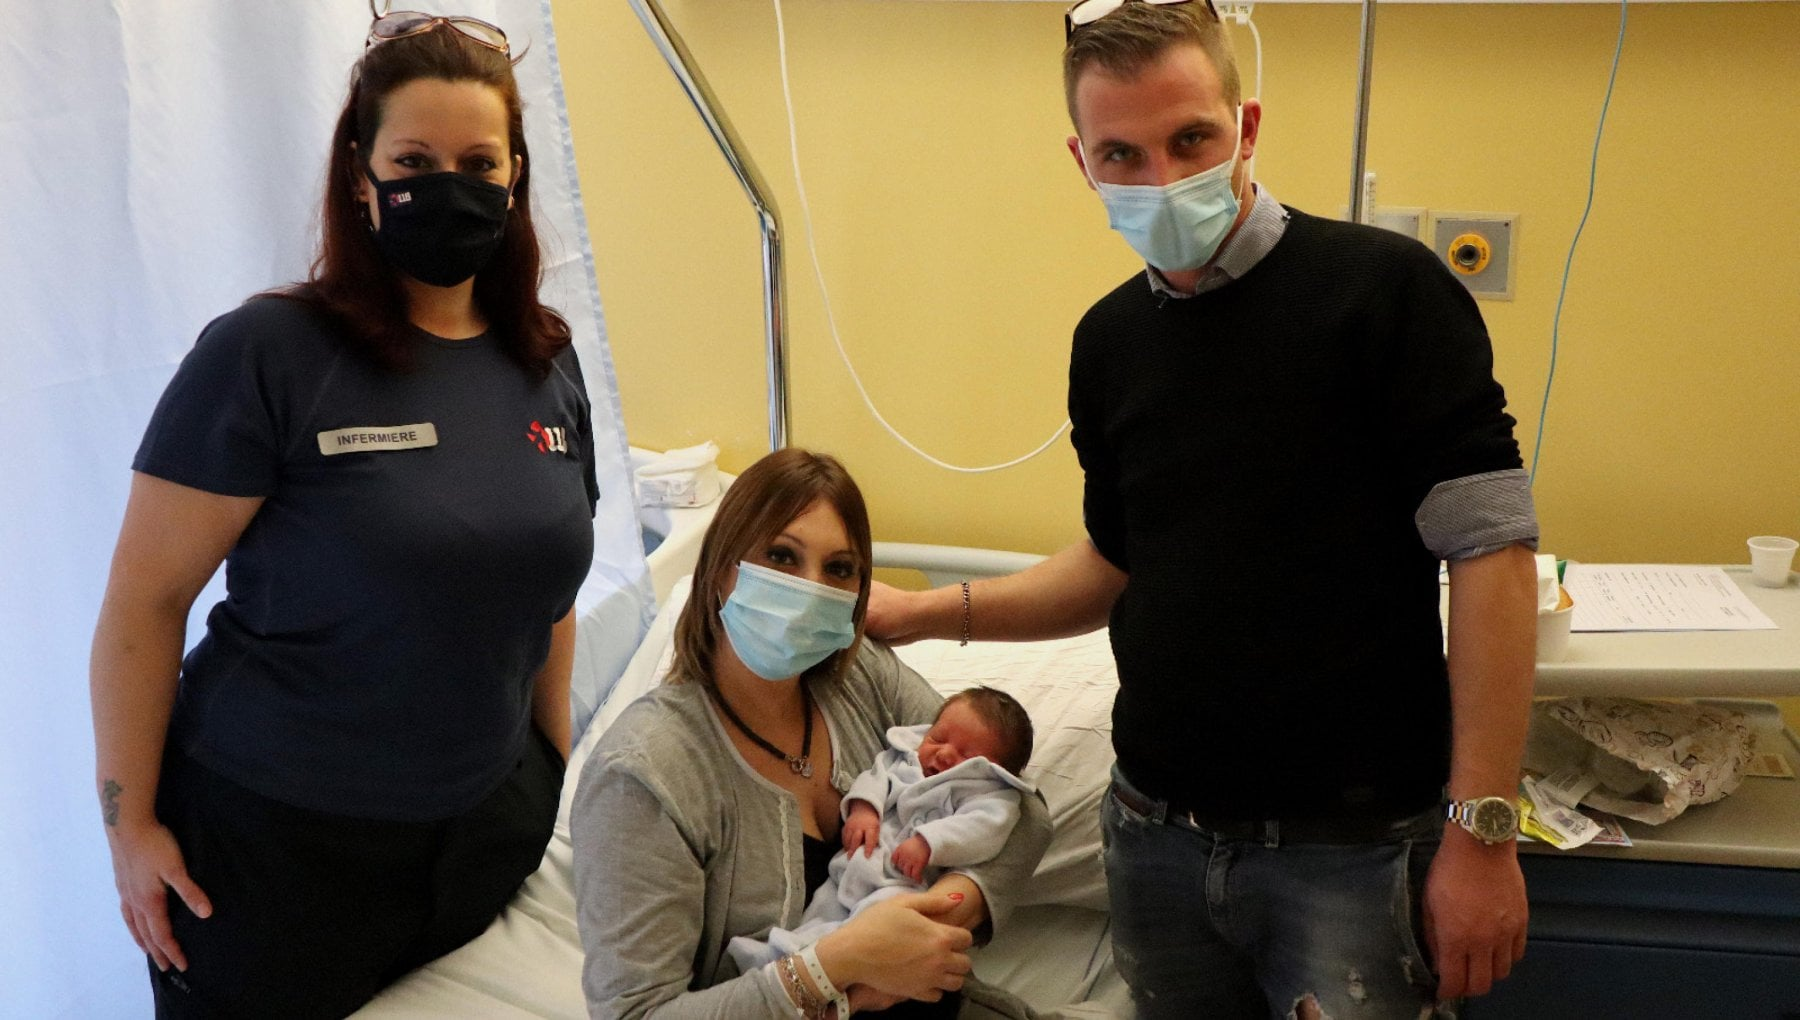 Papa fa nascere il figlio in 12 minuti di videochiamata FlagMe con linfermiera